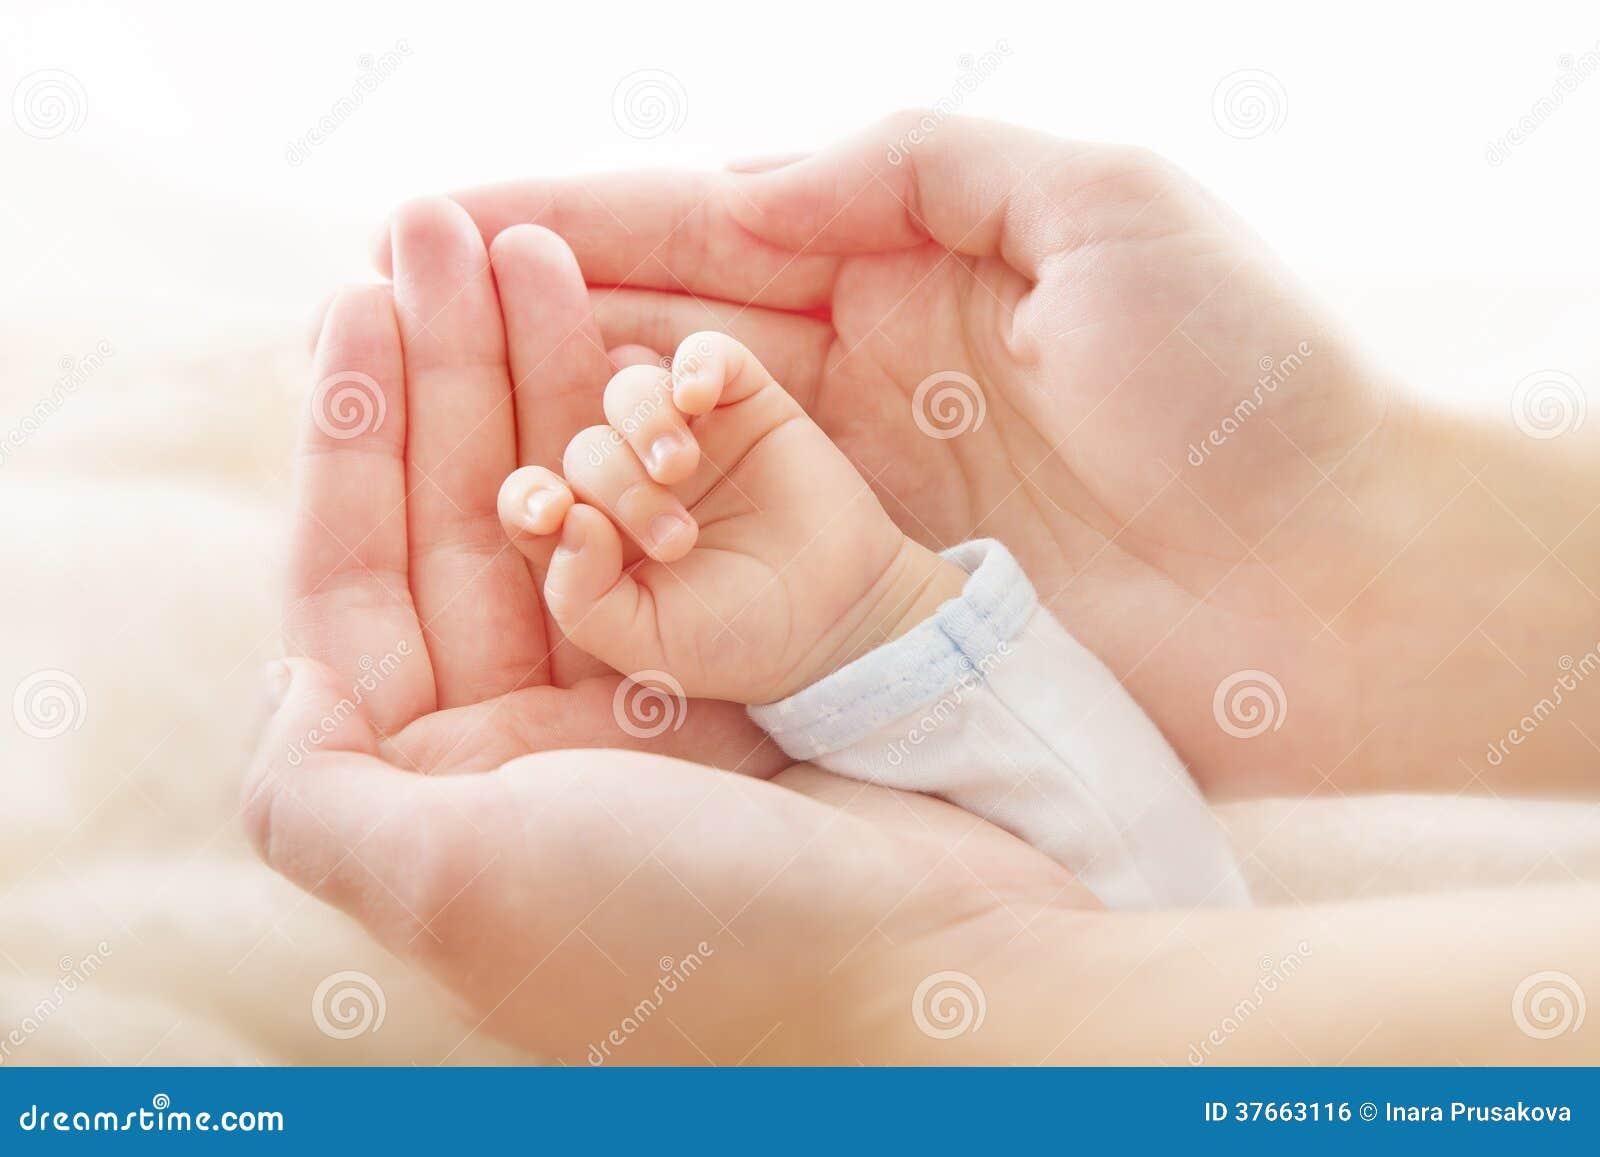 Neugeborene Babyhand in den Mutterhänden. Hilfen-asistance Konzept